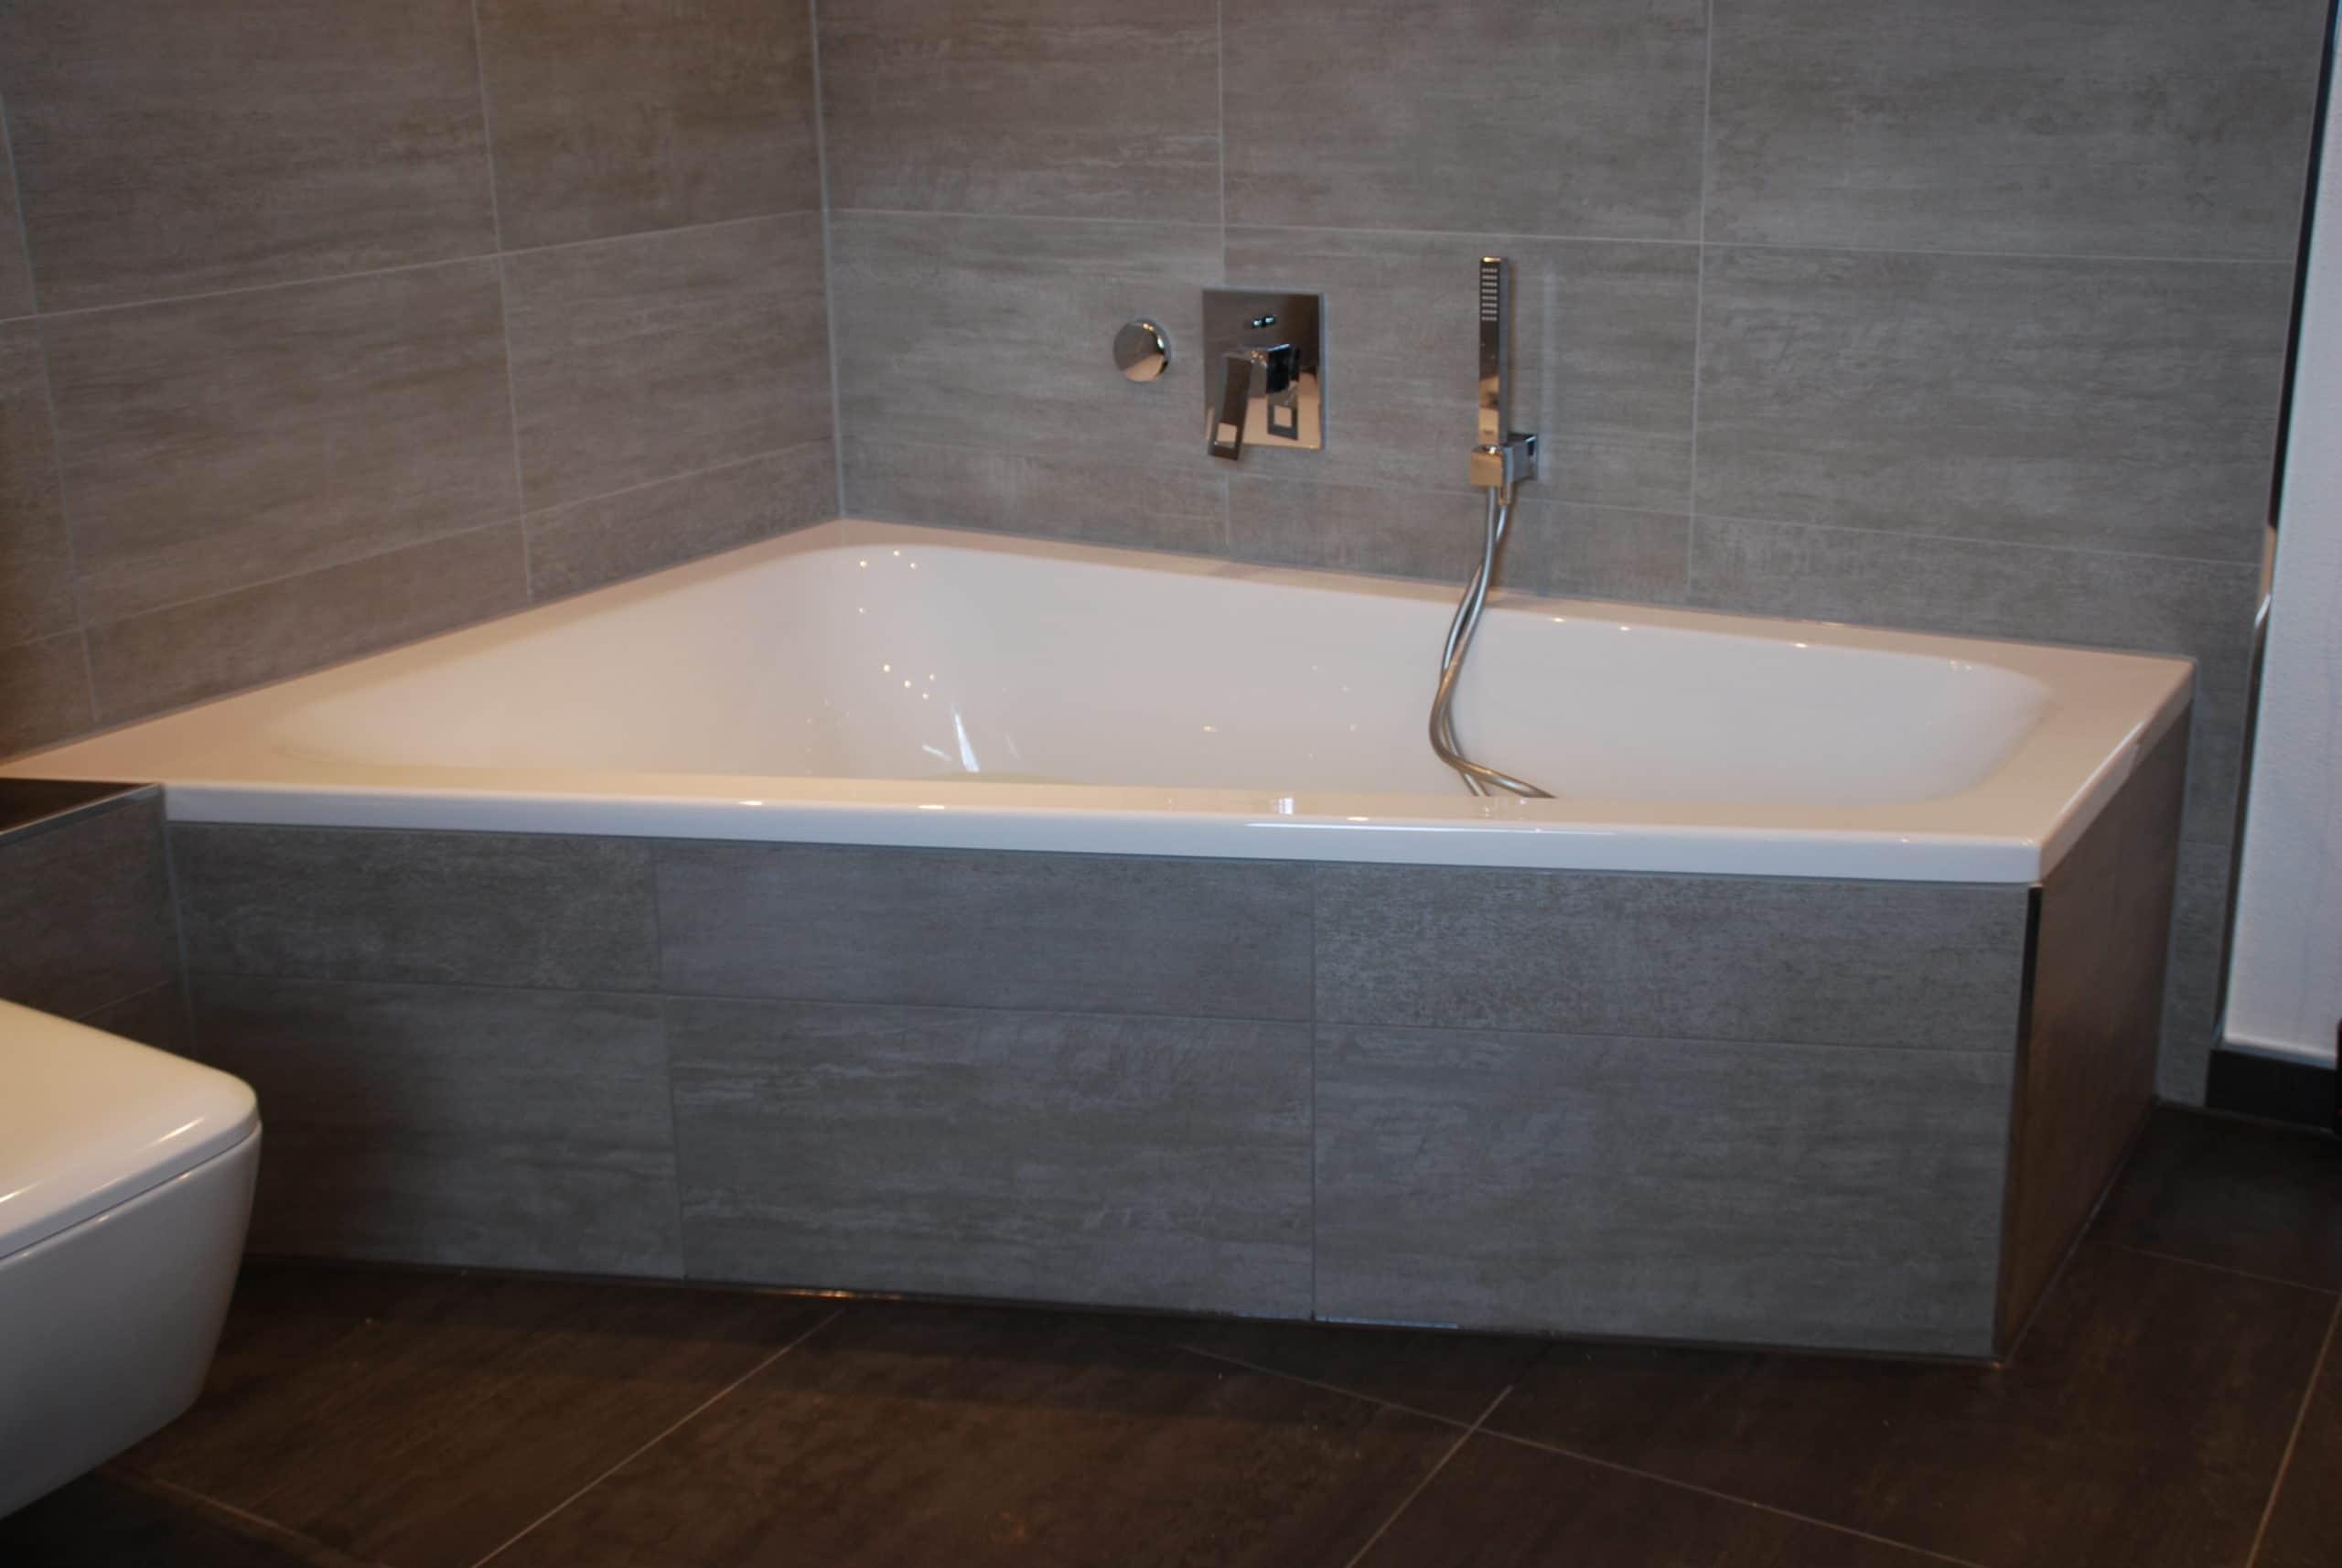 Badewanne in Grautönen. Badsanierung